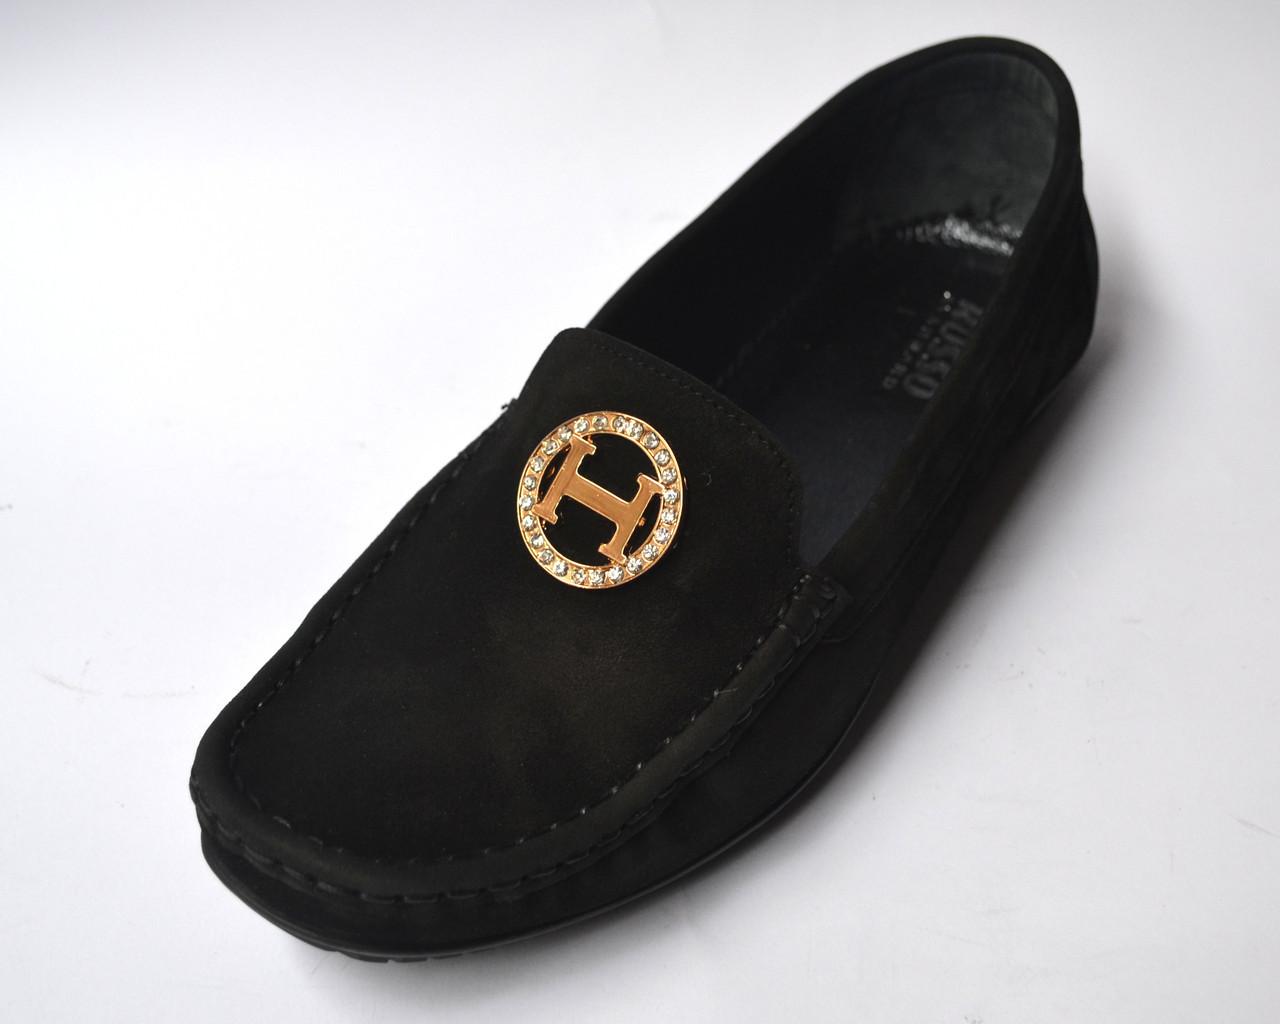 """Мокасины нубук женская обувь больших размеров Ornella BS Black Vel by Rosso Avangard цвет черный """"Грейс"""""""